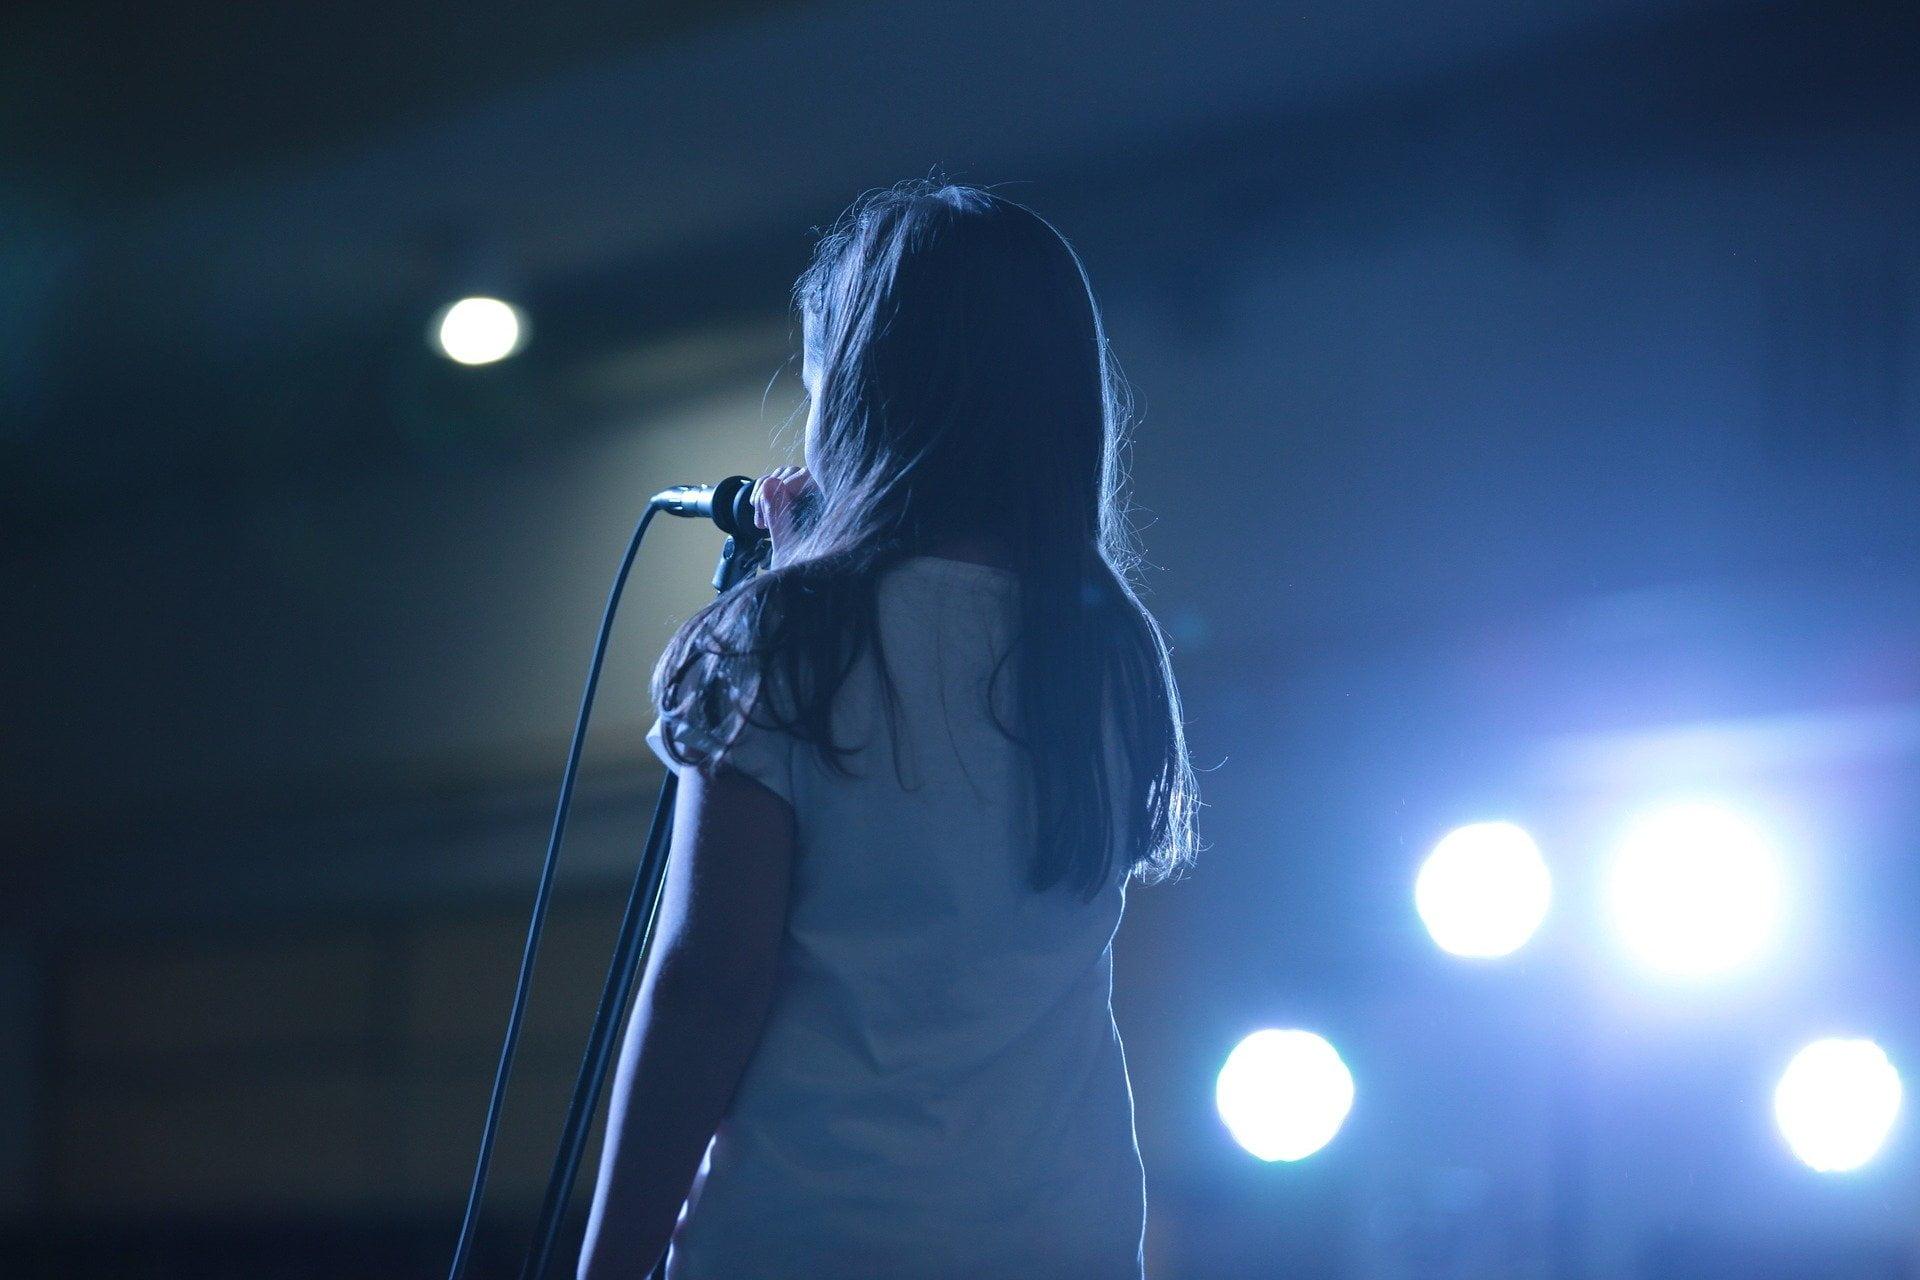 Dziewczynka odwrócona tyłem, przed sobą ma mikrofon